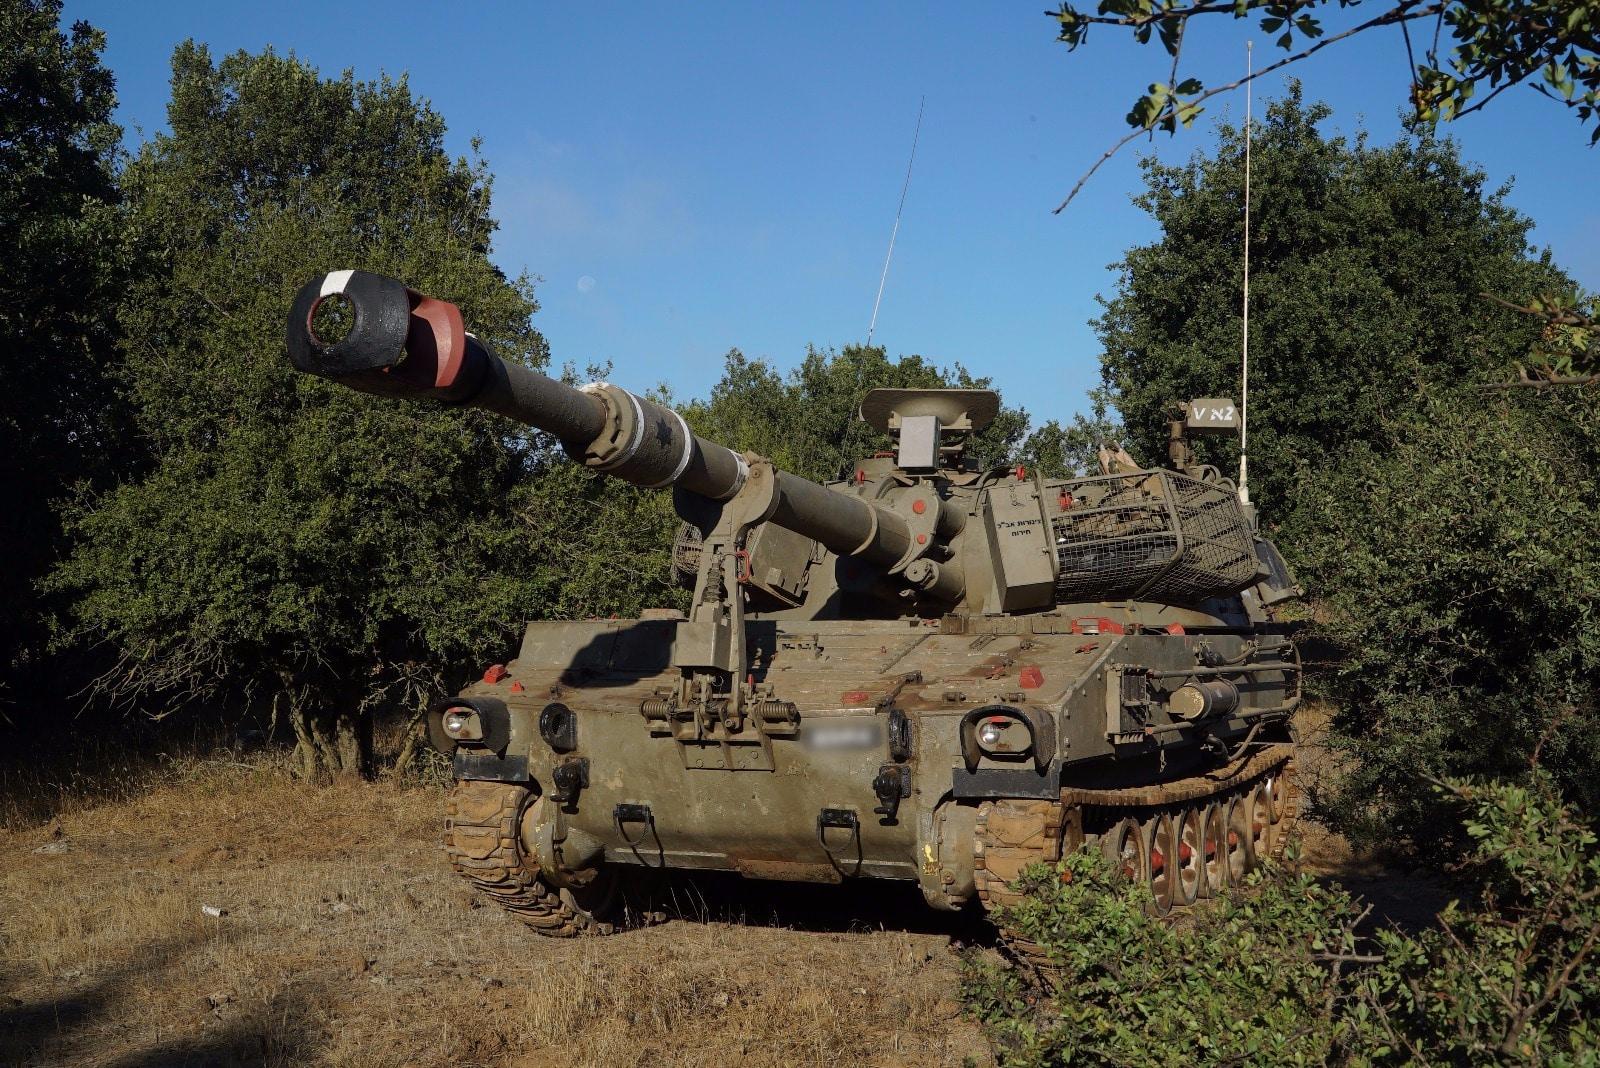 Disparos na fronteira entre Líbano e Israel provocam temor de escalada